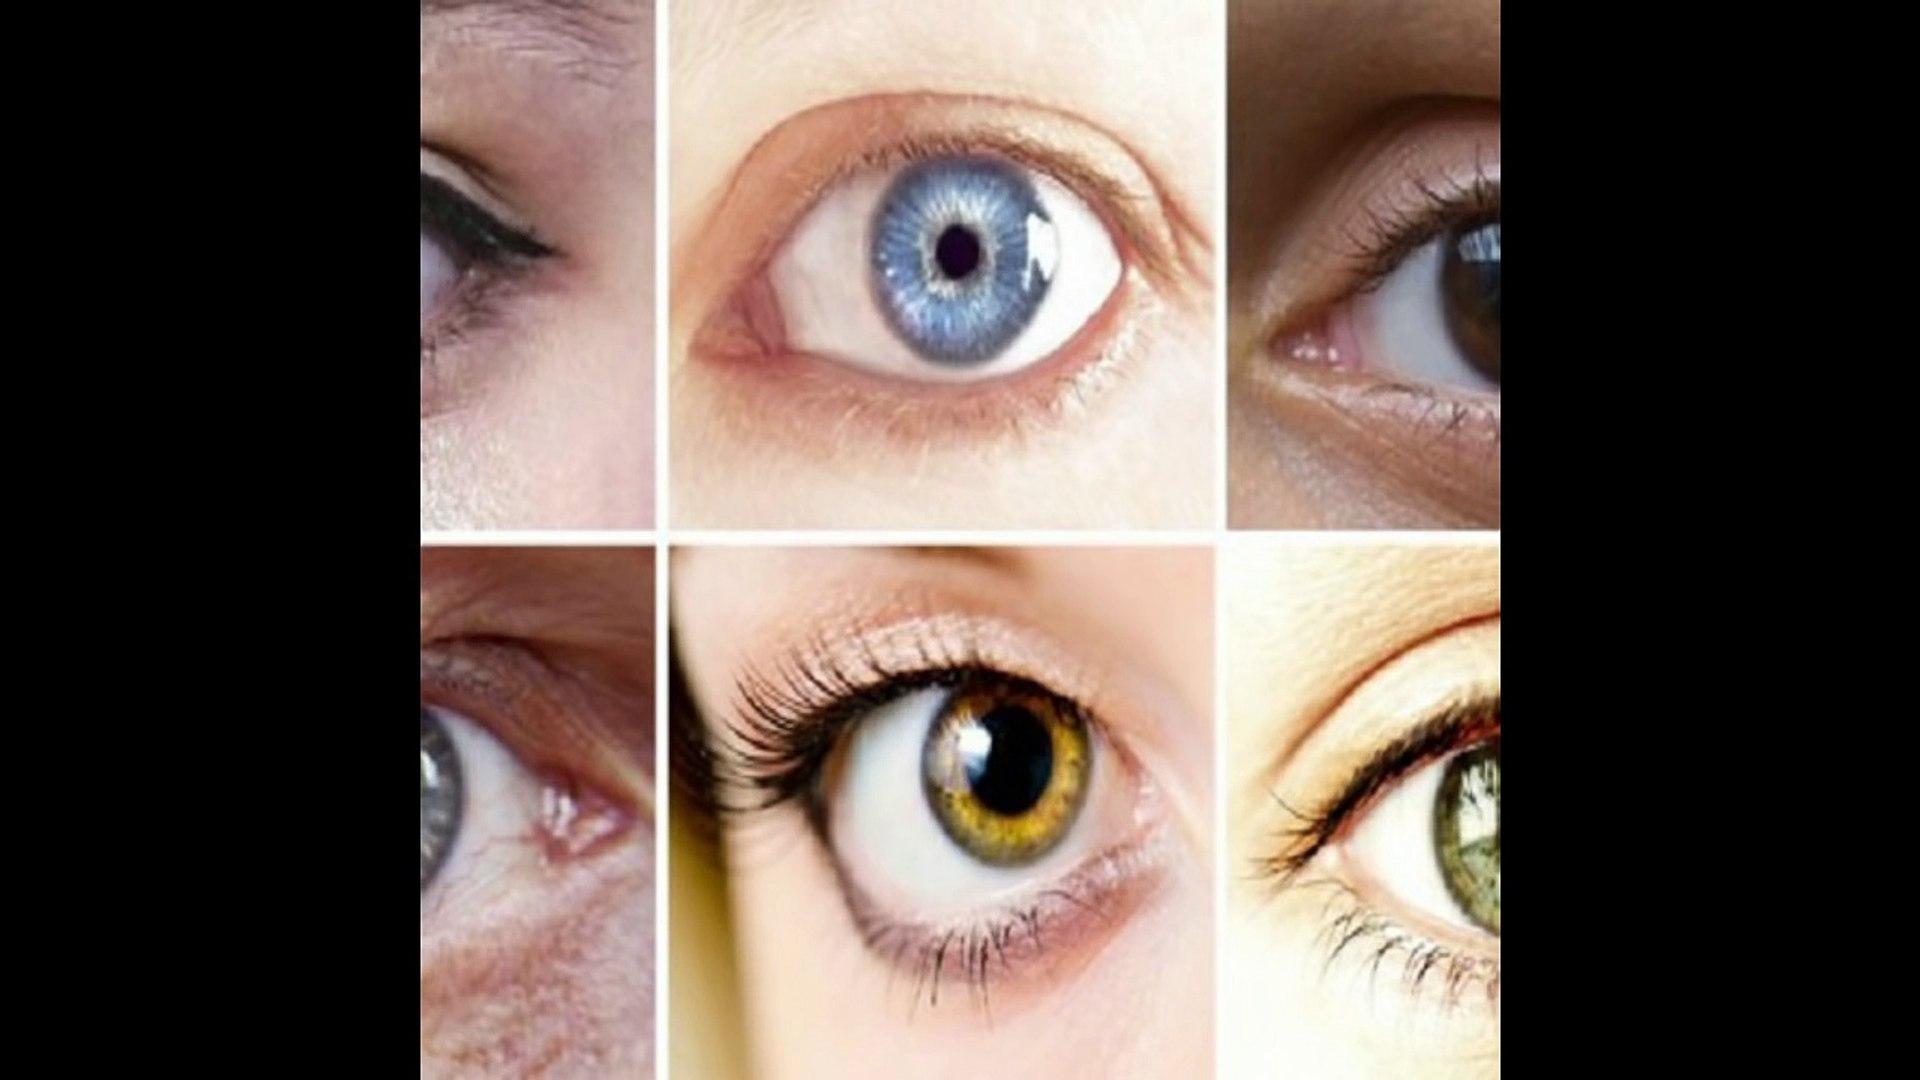 Científicos dicen que el color de tus ojos revela tu personalidad. ¡COMPRUÉBALO!